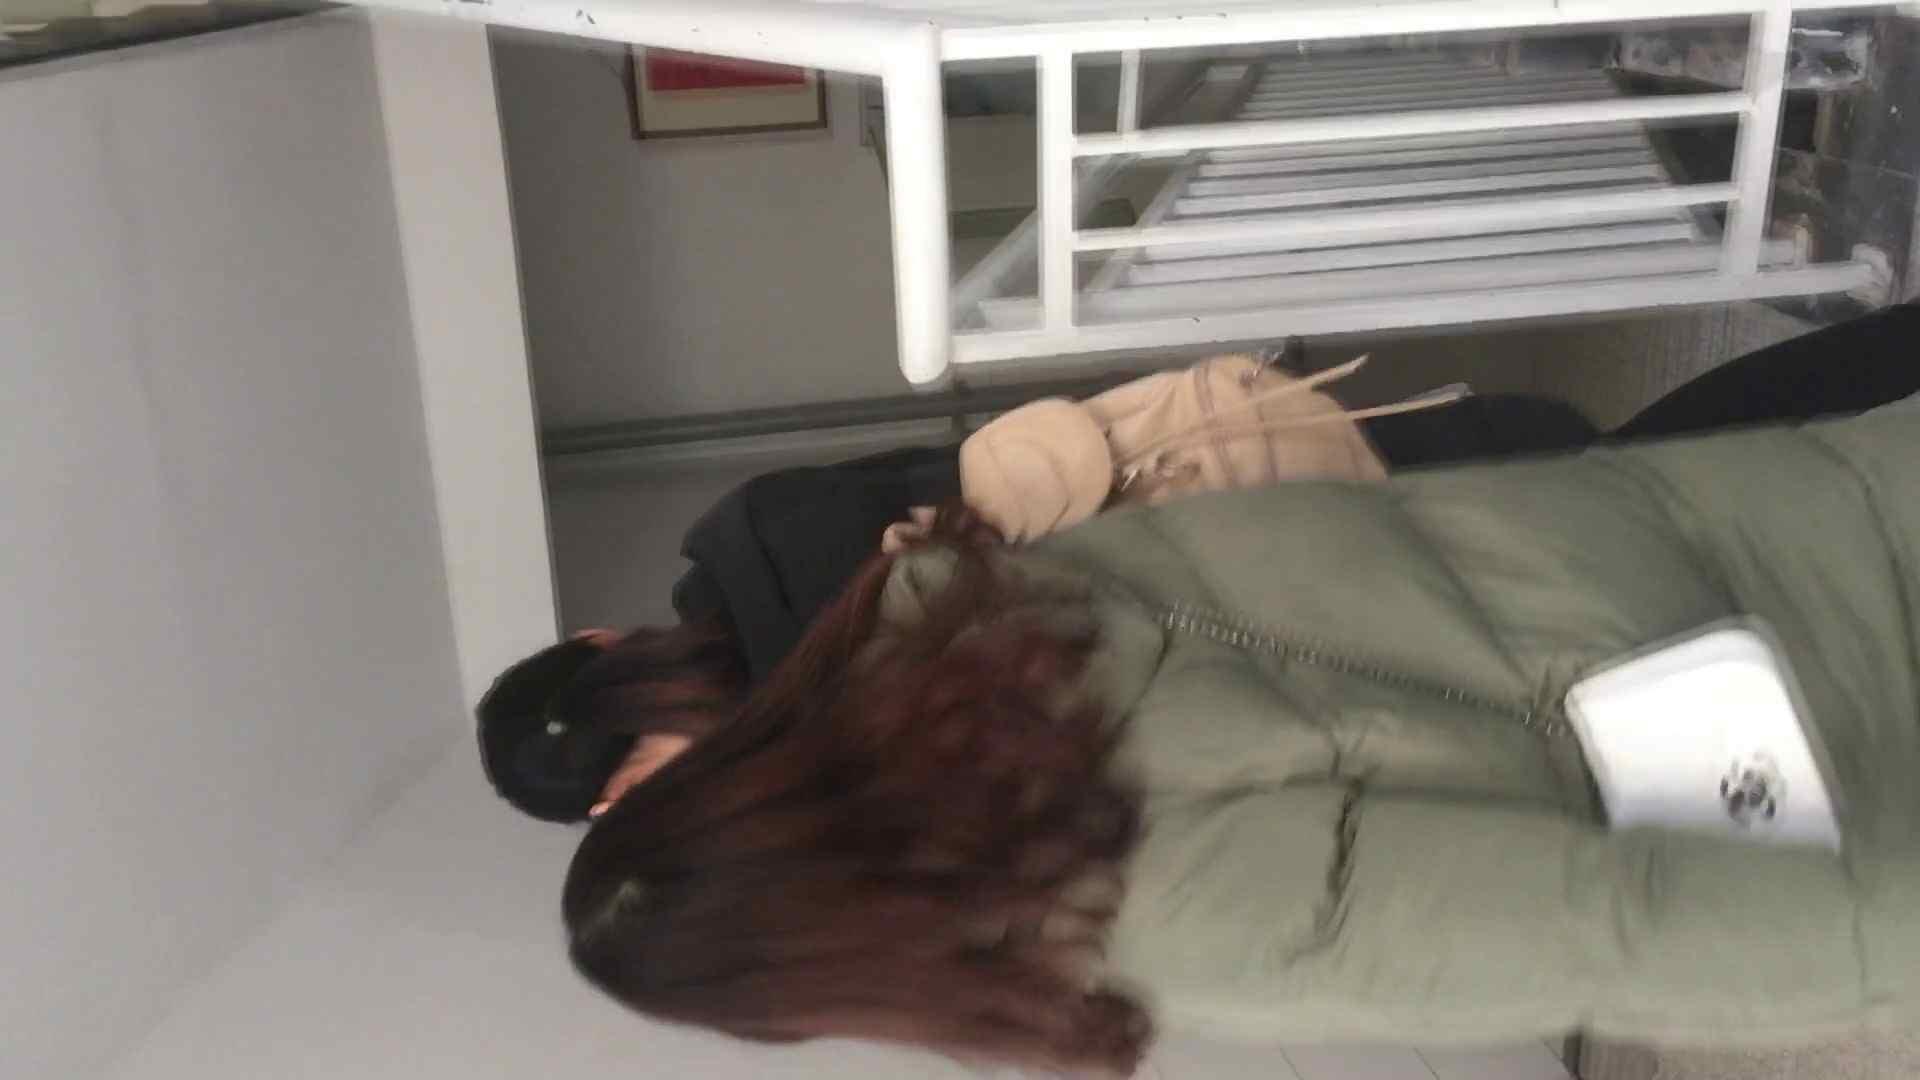 芸術大学ガチ潜入盗sati JD盗撮 美女の洗面所の秘密 Vol.95 マンコ | OLの実態  72pic 50